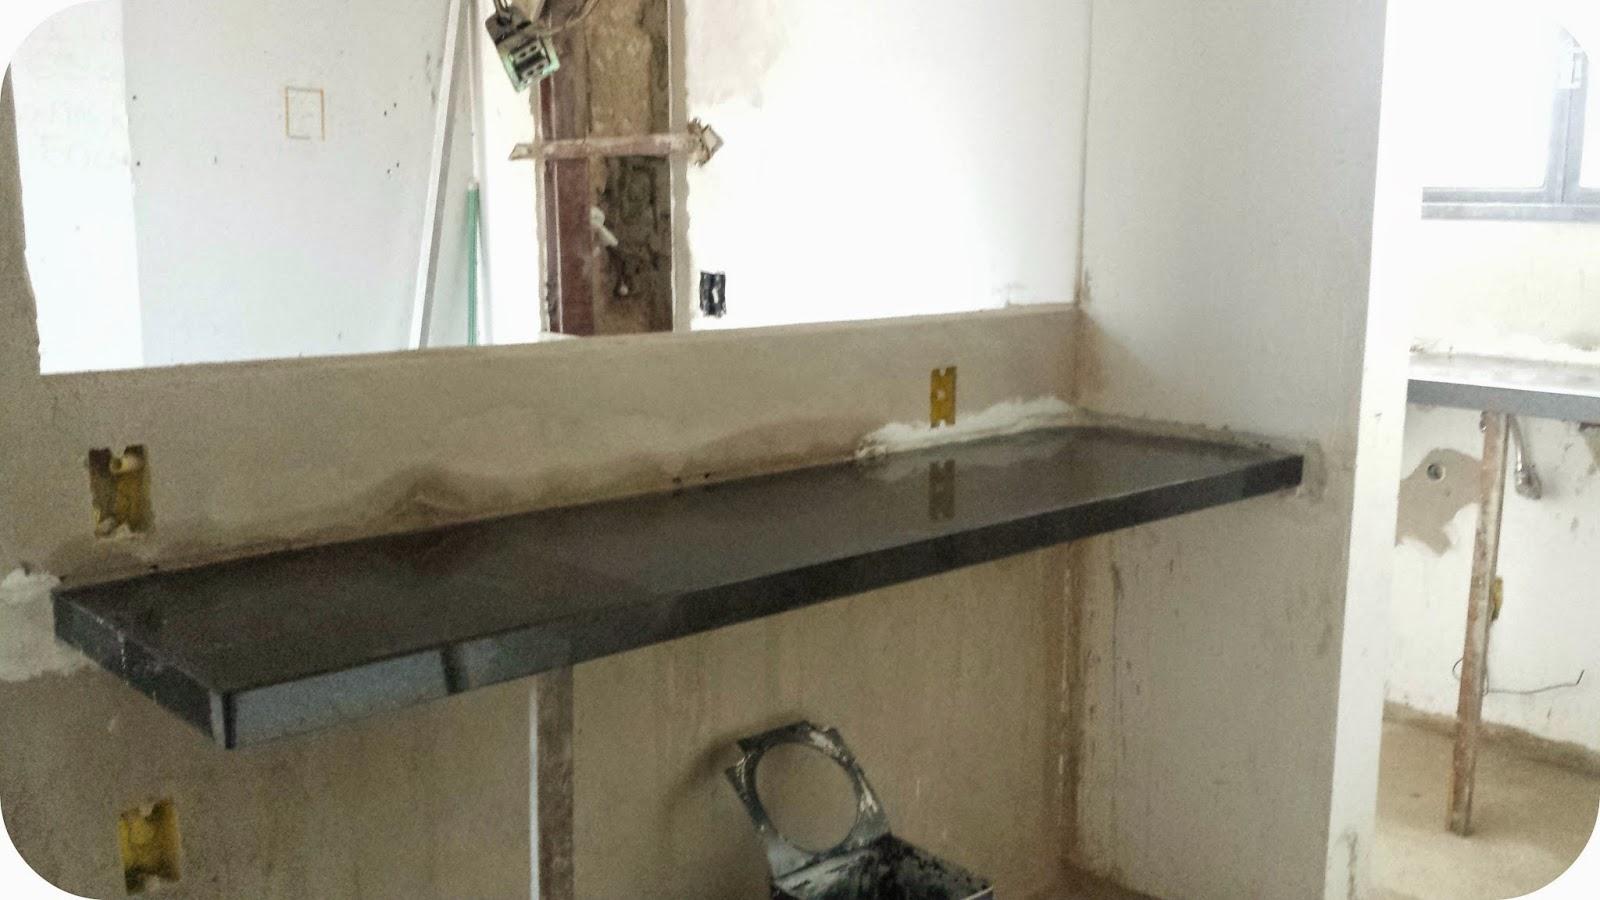 Bancada Cozinha Drywall Beyato Com V Rios Desenhos Sobre